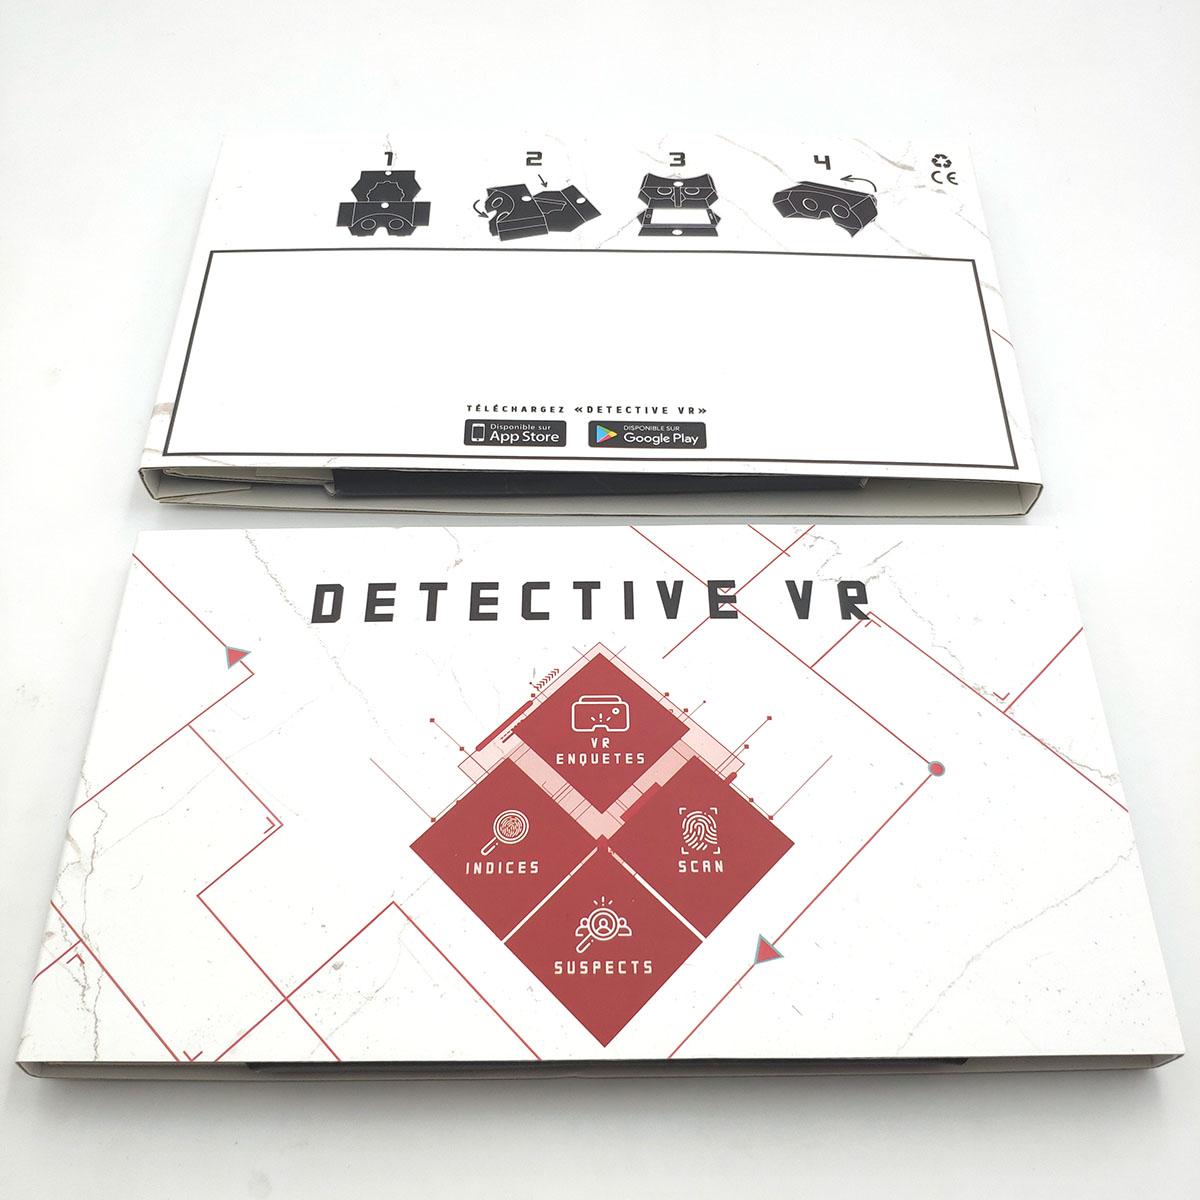 DETECTIVE VR - PACKAGING du jeu d'enquête en réalité virtuelle